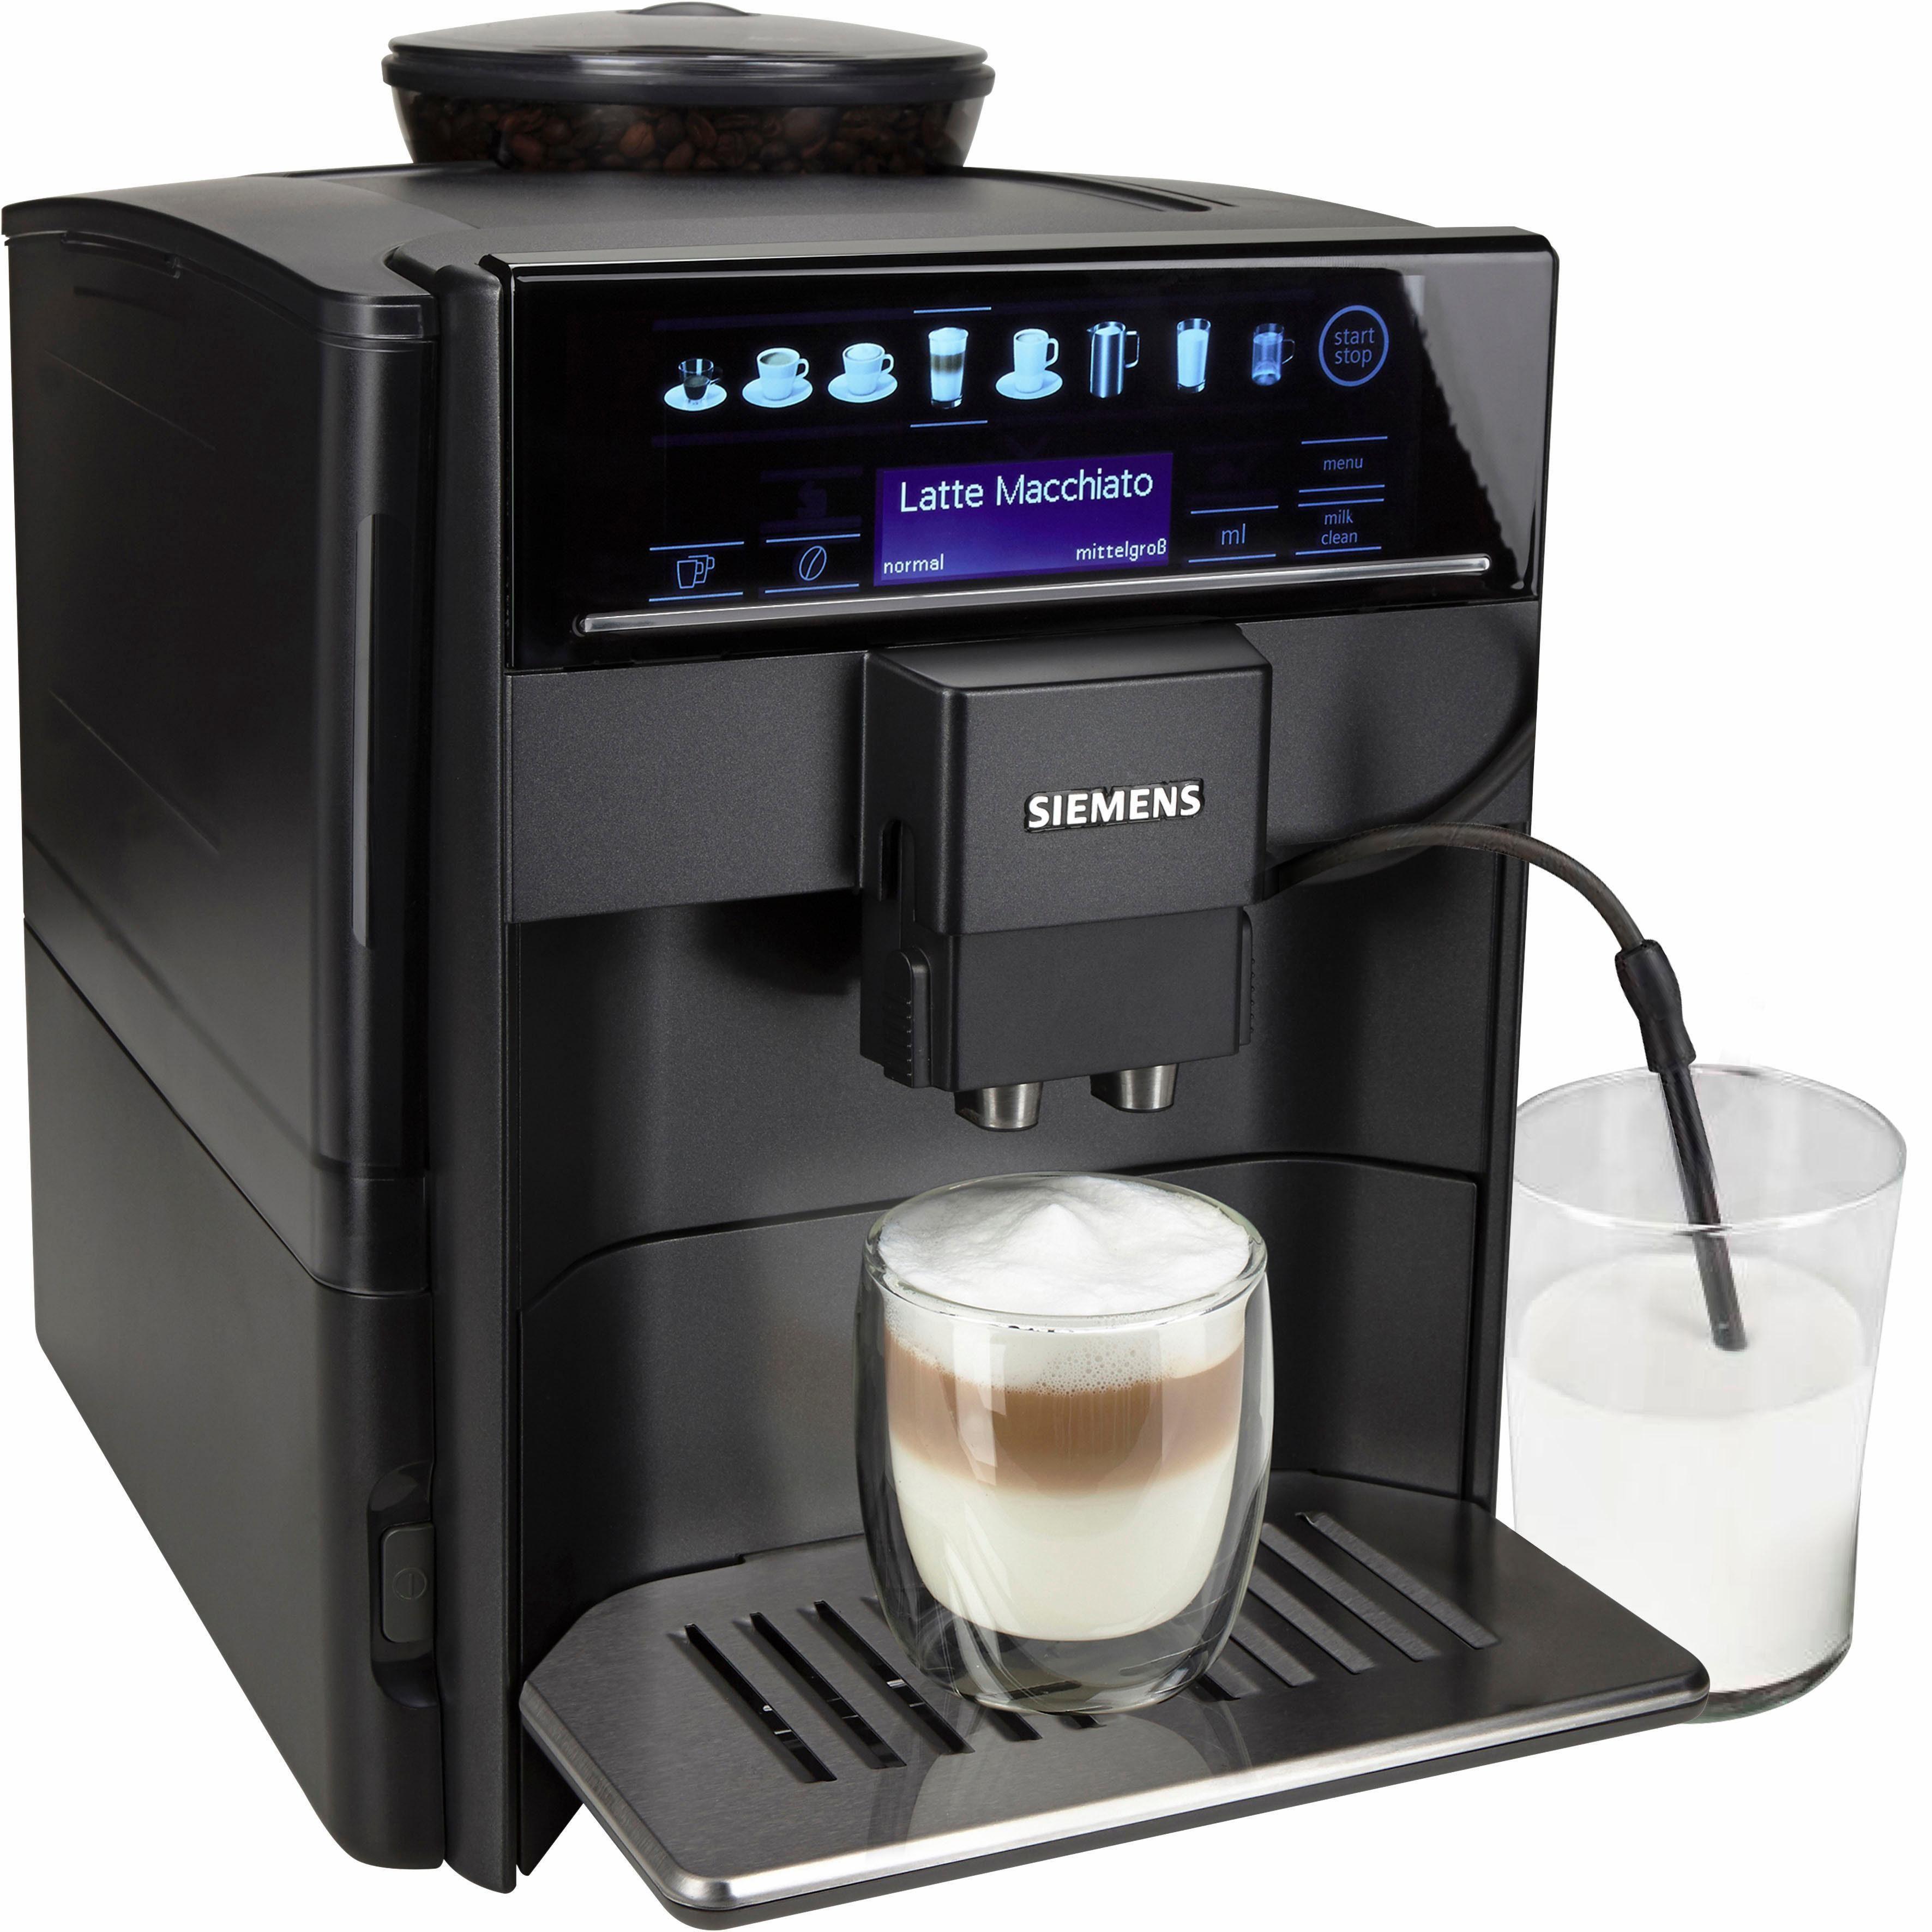 SIEMENS Kaffeevollautomat EQ.6 series 400 TE604509DE, 1,7l Tank, Scheibenmahlwerk